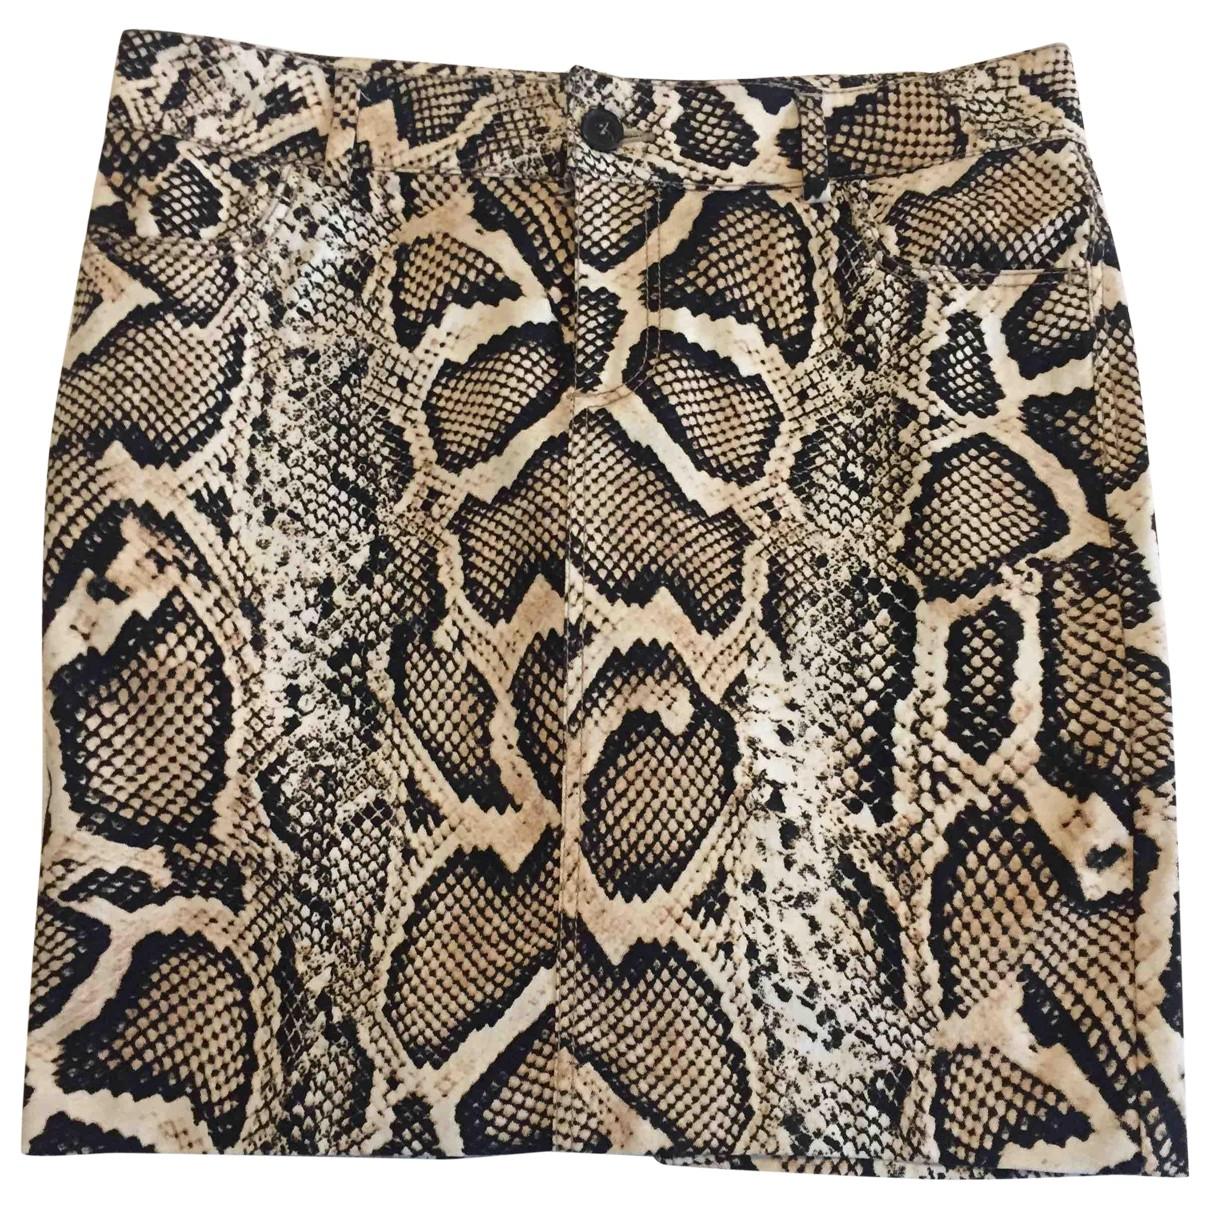 Zara \N Multicolour Cotton - elasthane skirt for Women S International